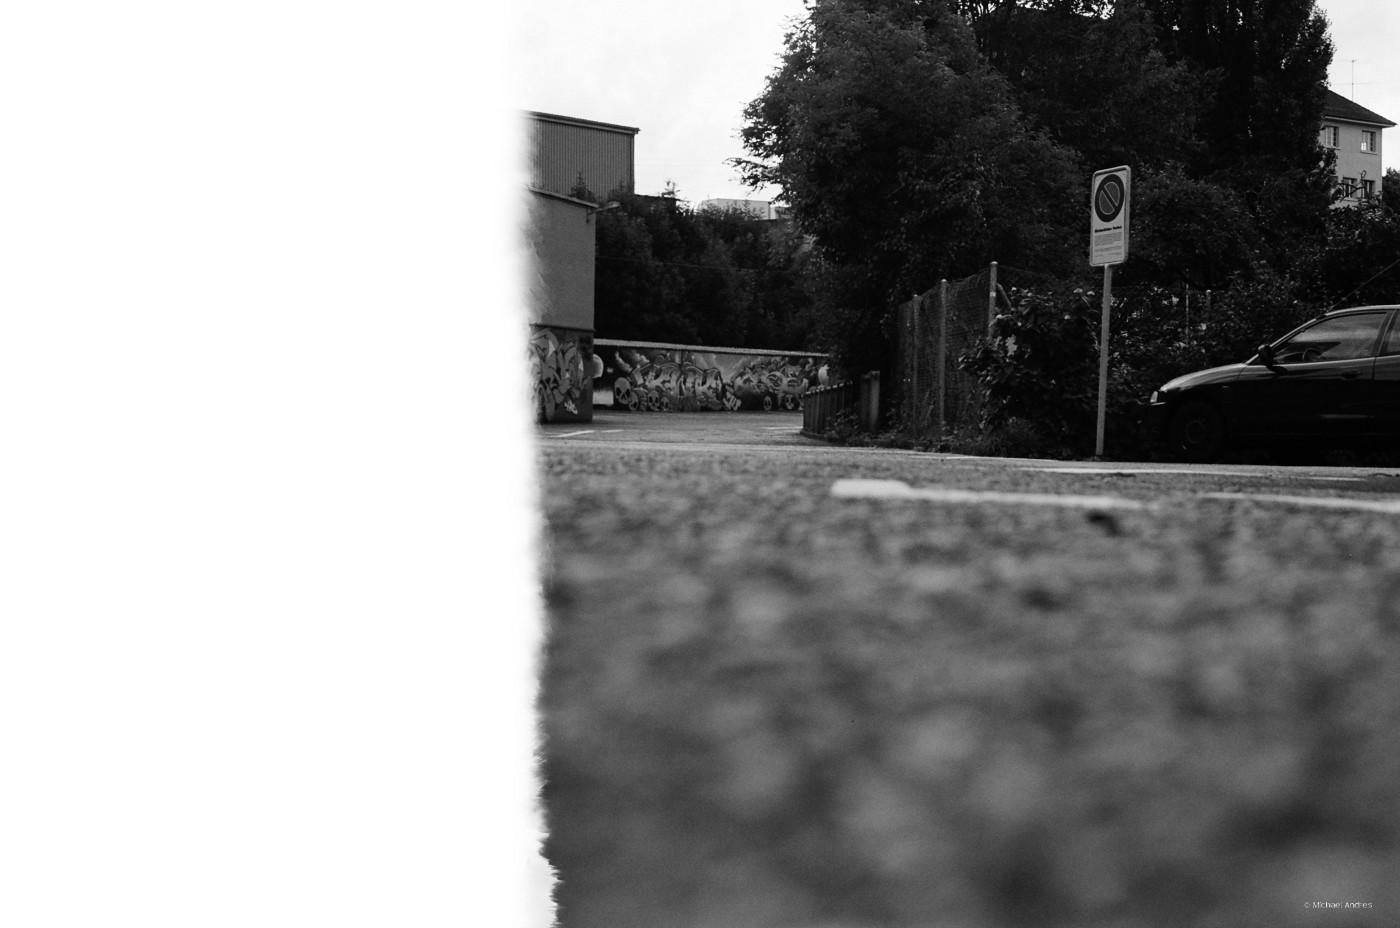 Film - XXXXII - Ripped